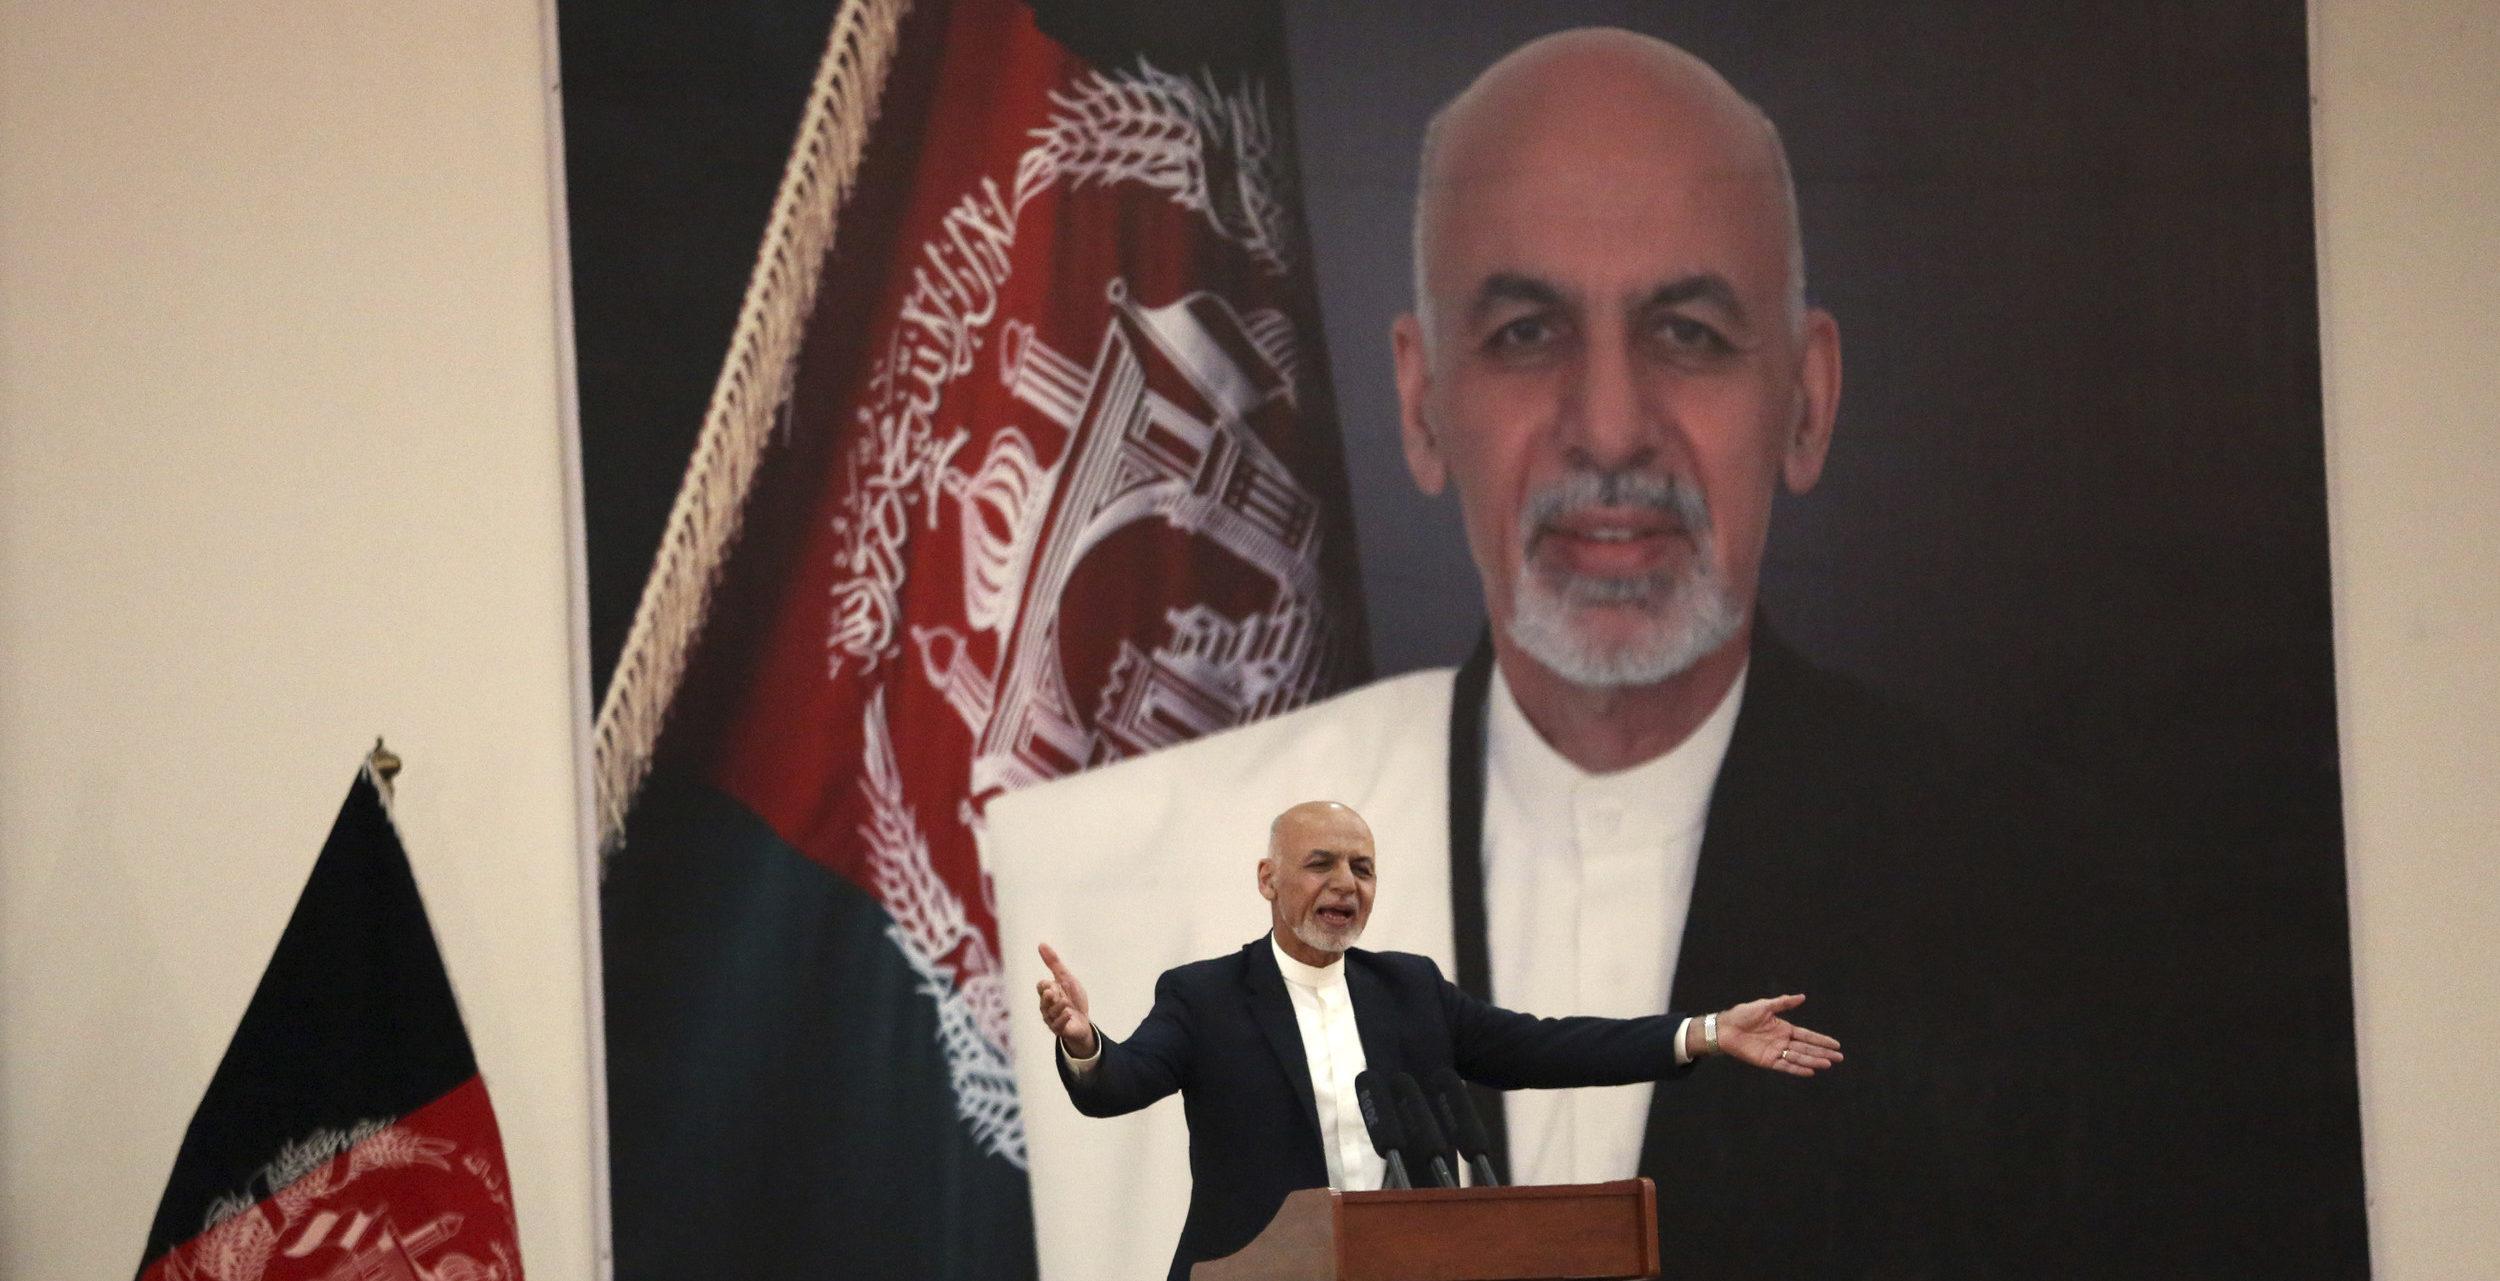 Afghans brace for fresh violence after US-Taliban talks halt